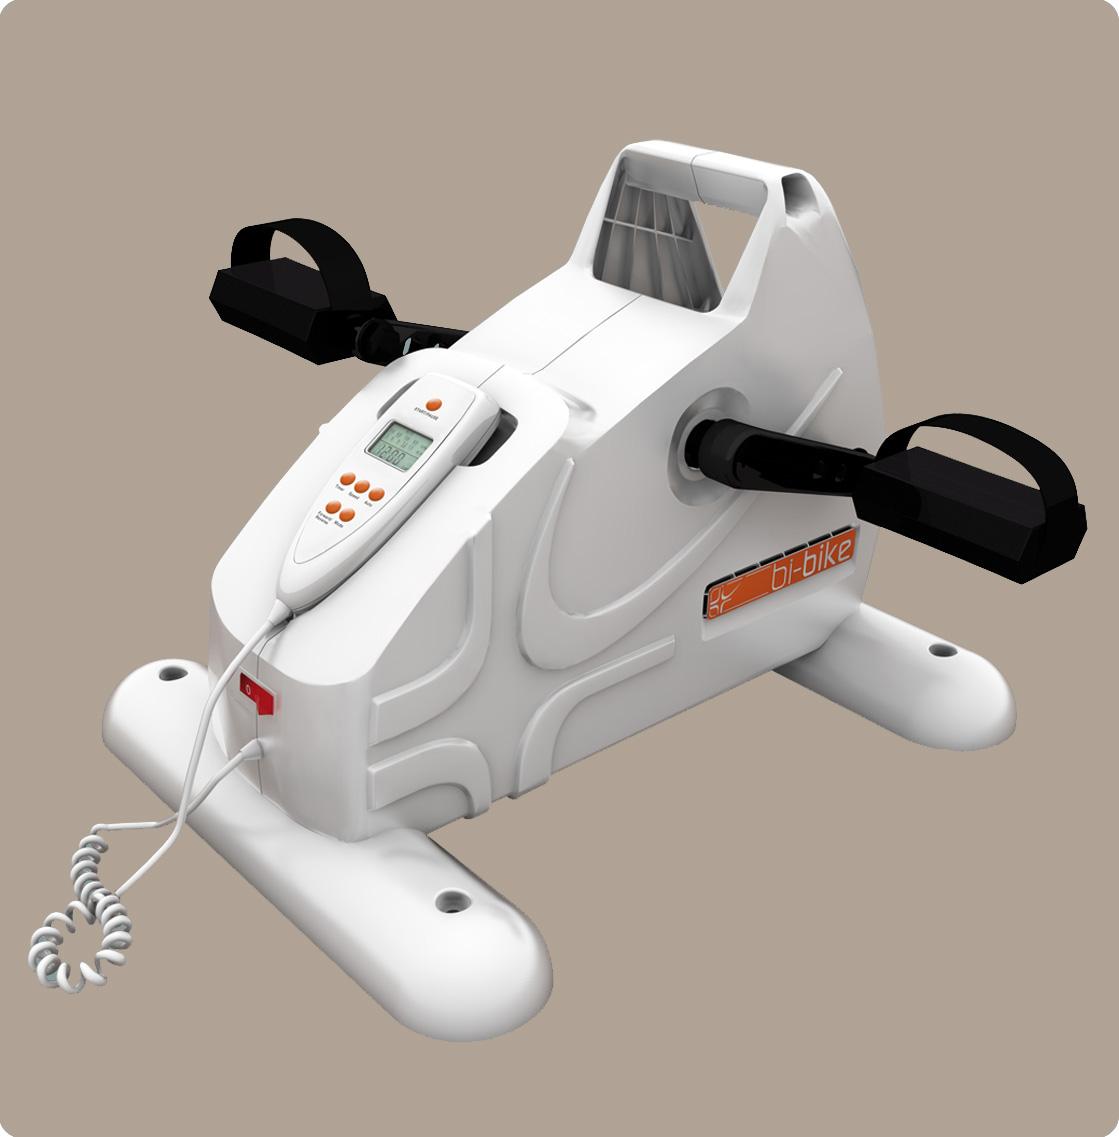 Bi-bike - Pedaliera elettrica per fisioterapia